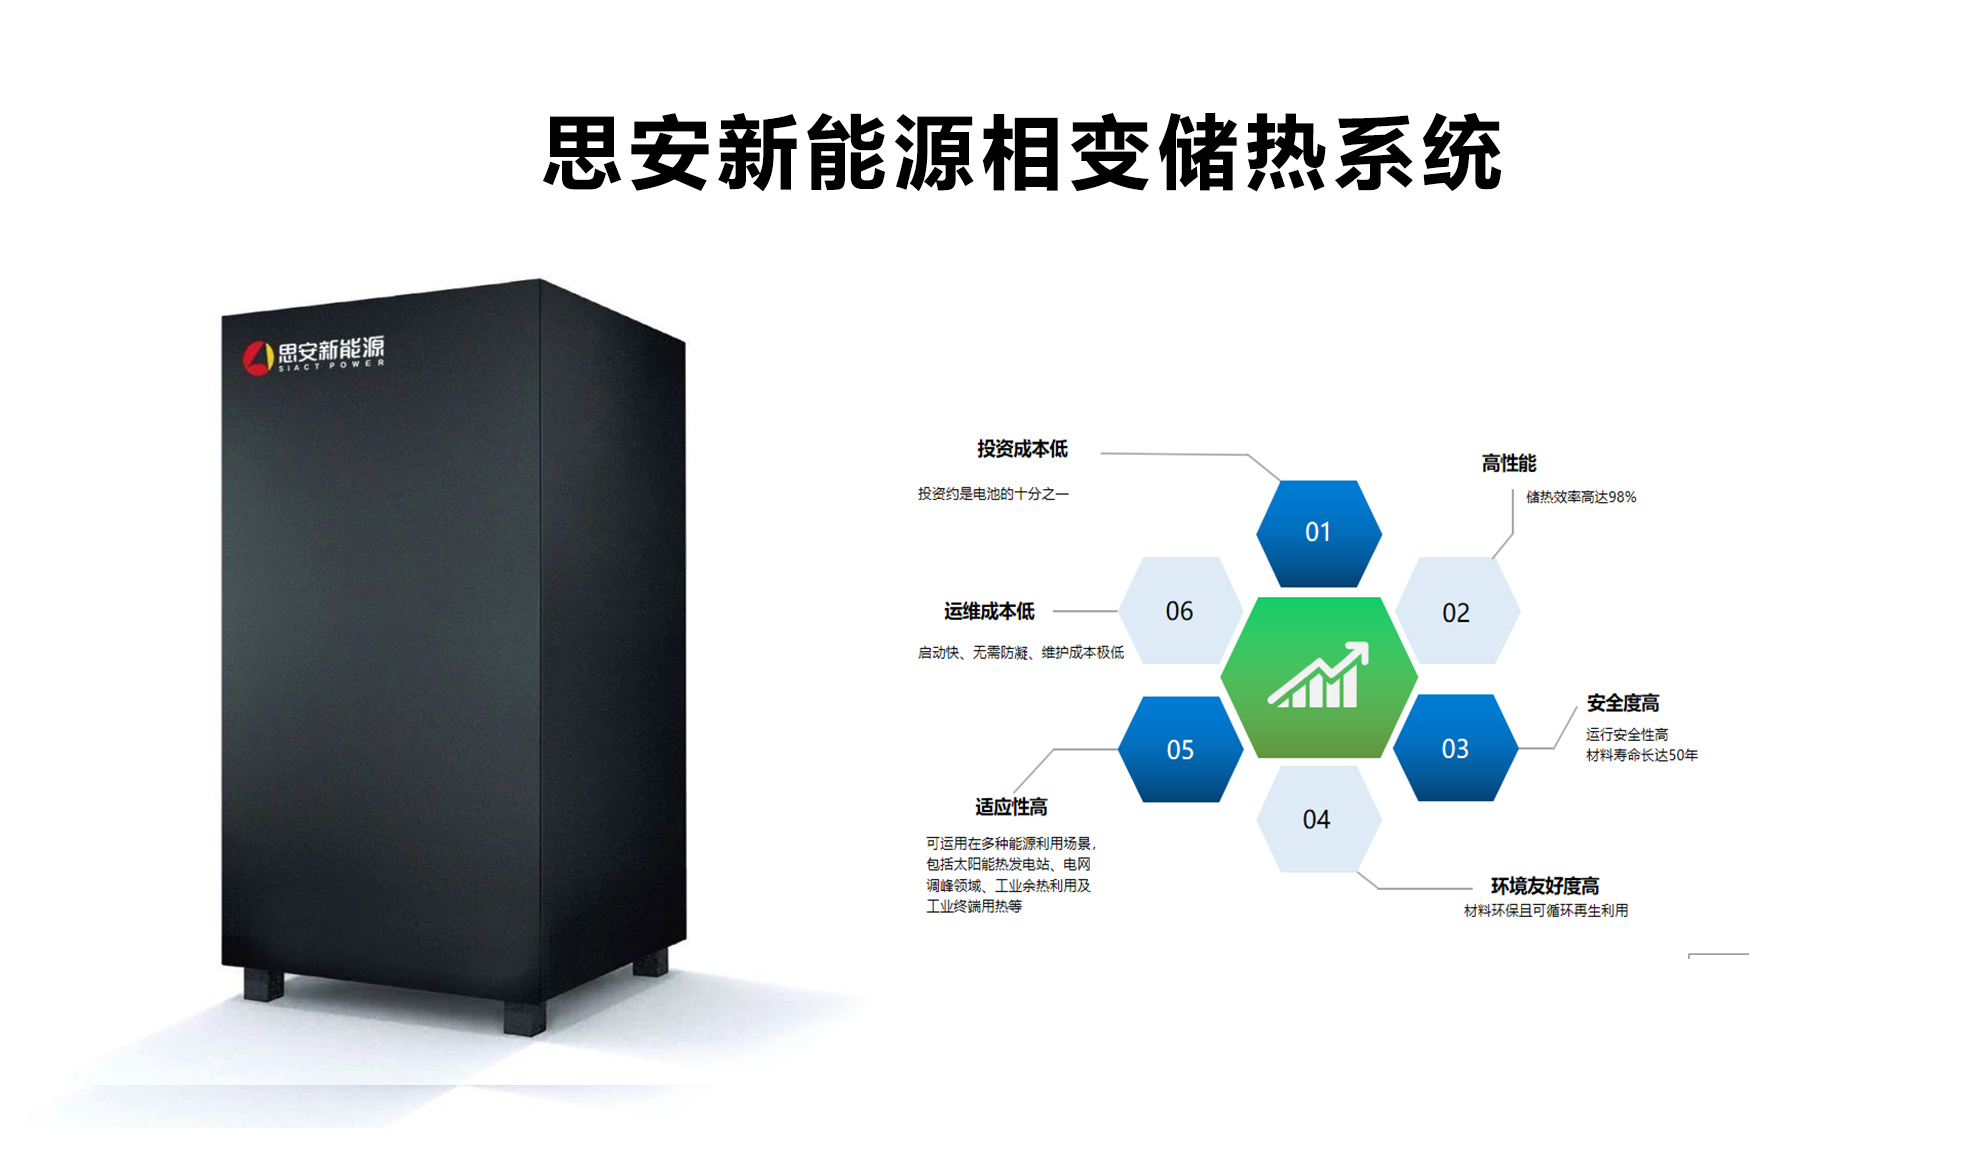 """思安新能源""""相變儲熱系統""""入選2020年陜西省重點新產品開發項目"""